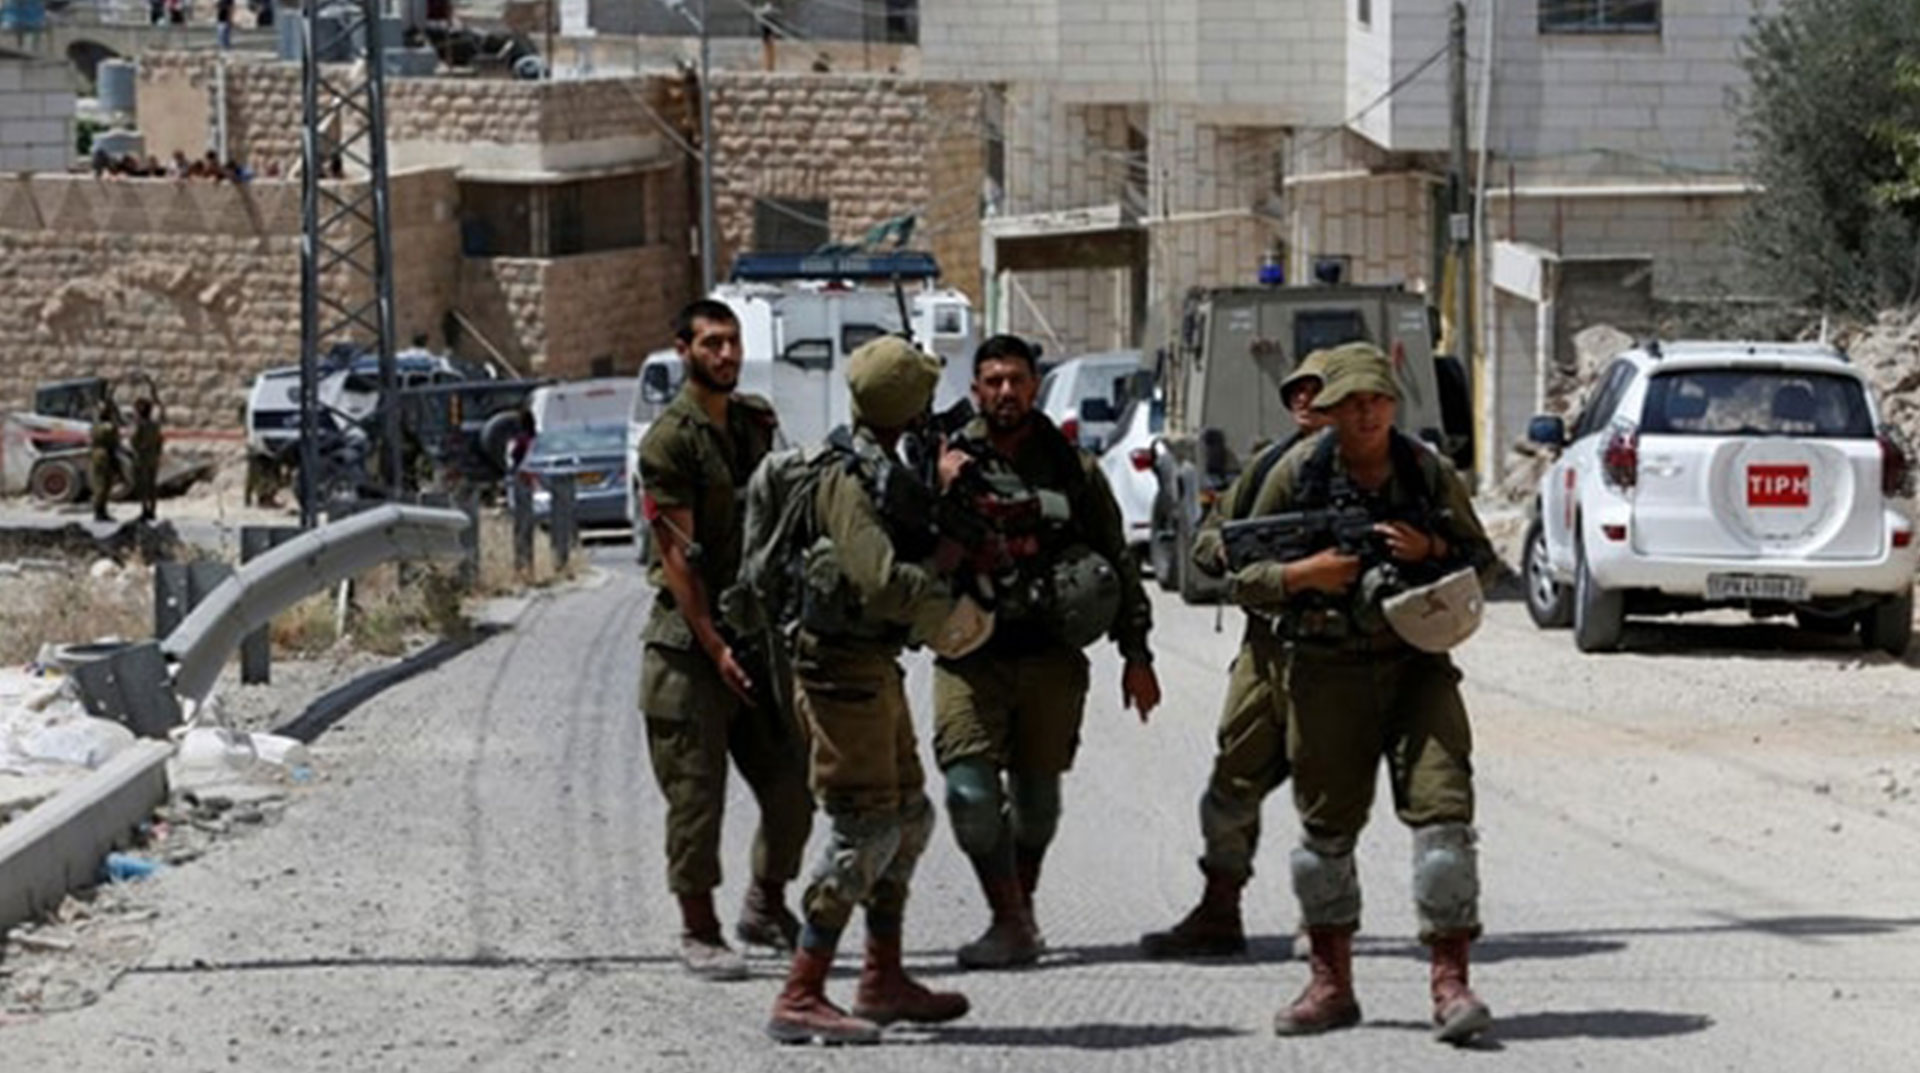 İşgal Güçleri Batı Şeria'da 9 Filistinliyi Gözaltına Aldı